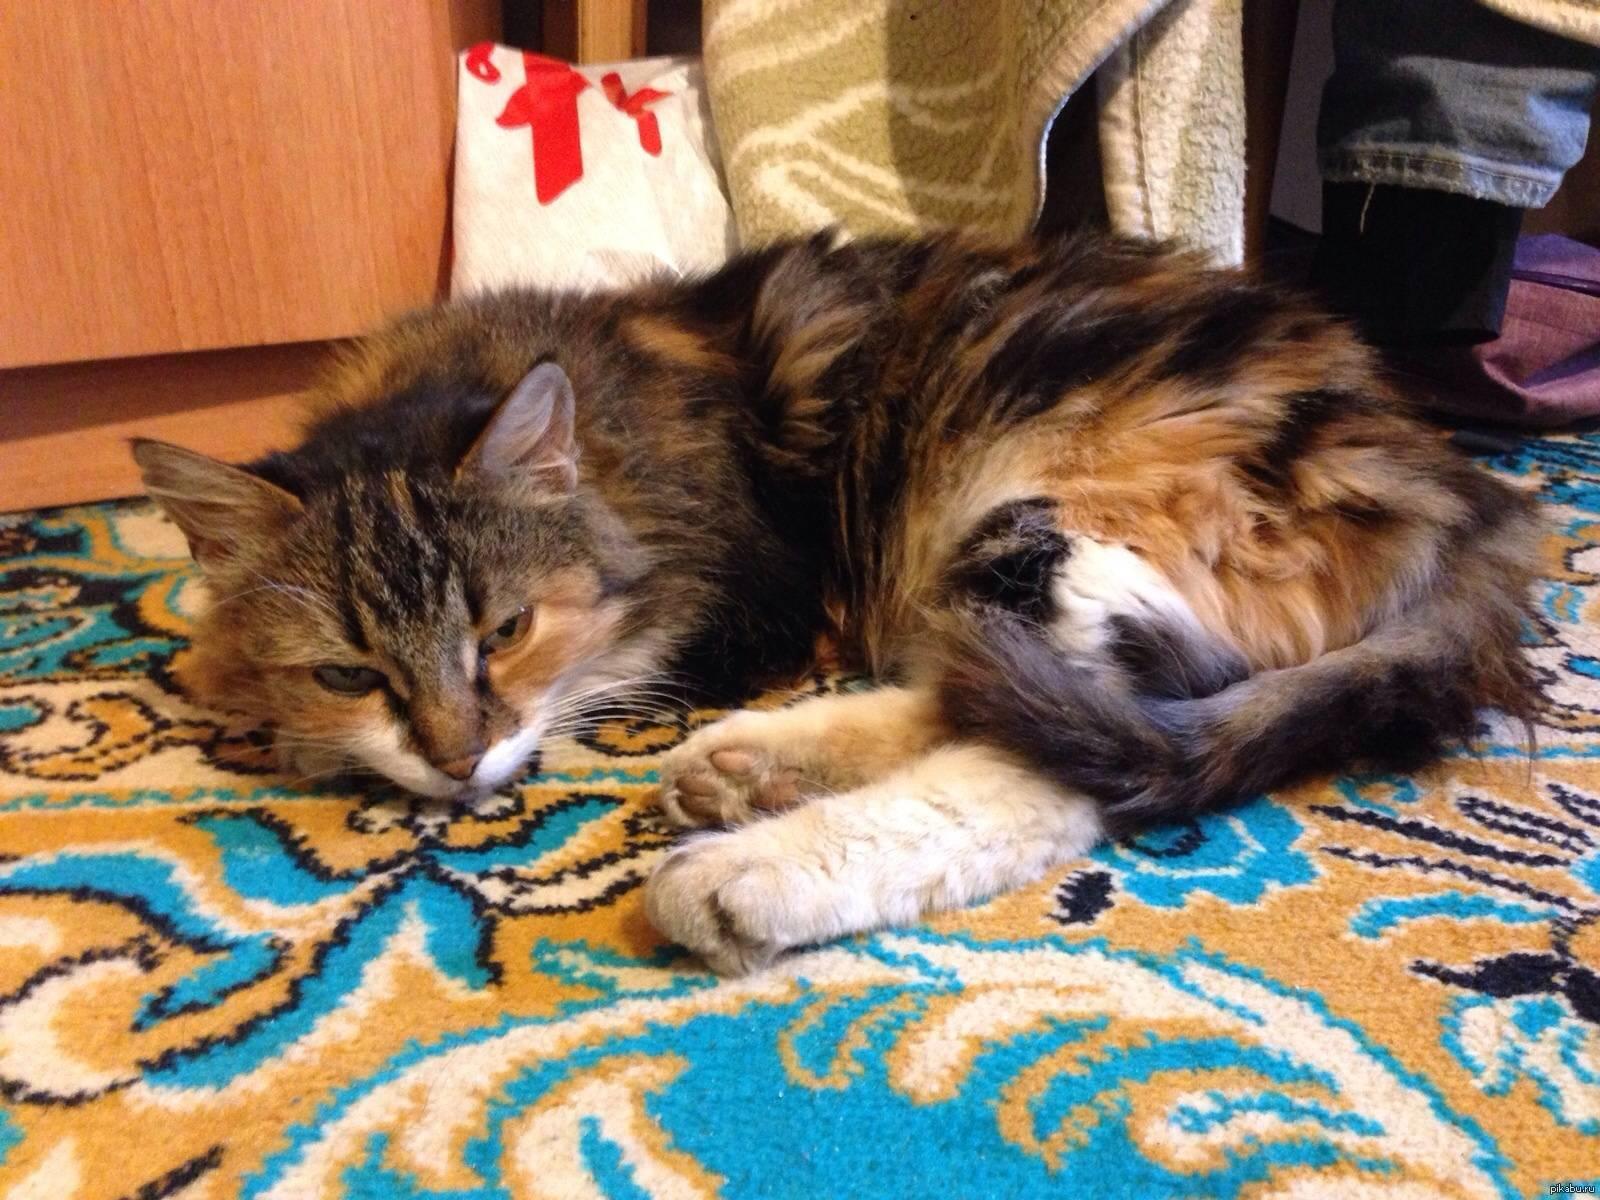 Трехцветная кошка: приметы в доме, поверья и суеверия на улице, и к чему, если пришла на порог, приносит ли счастье?